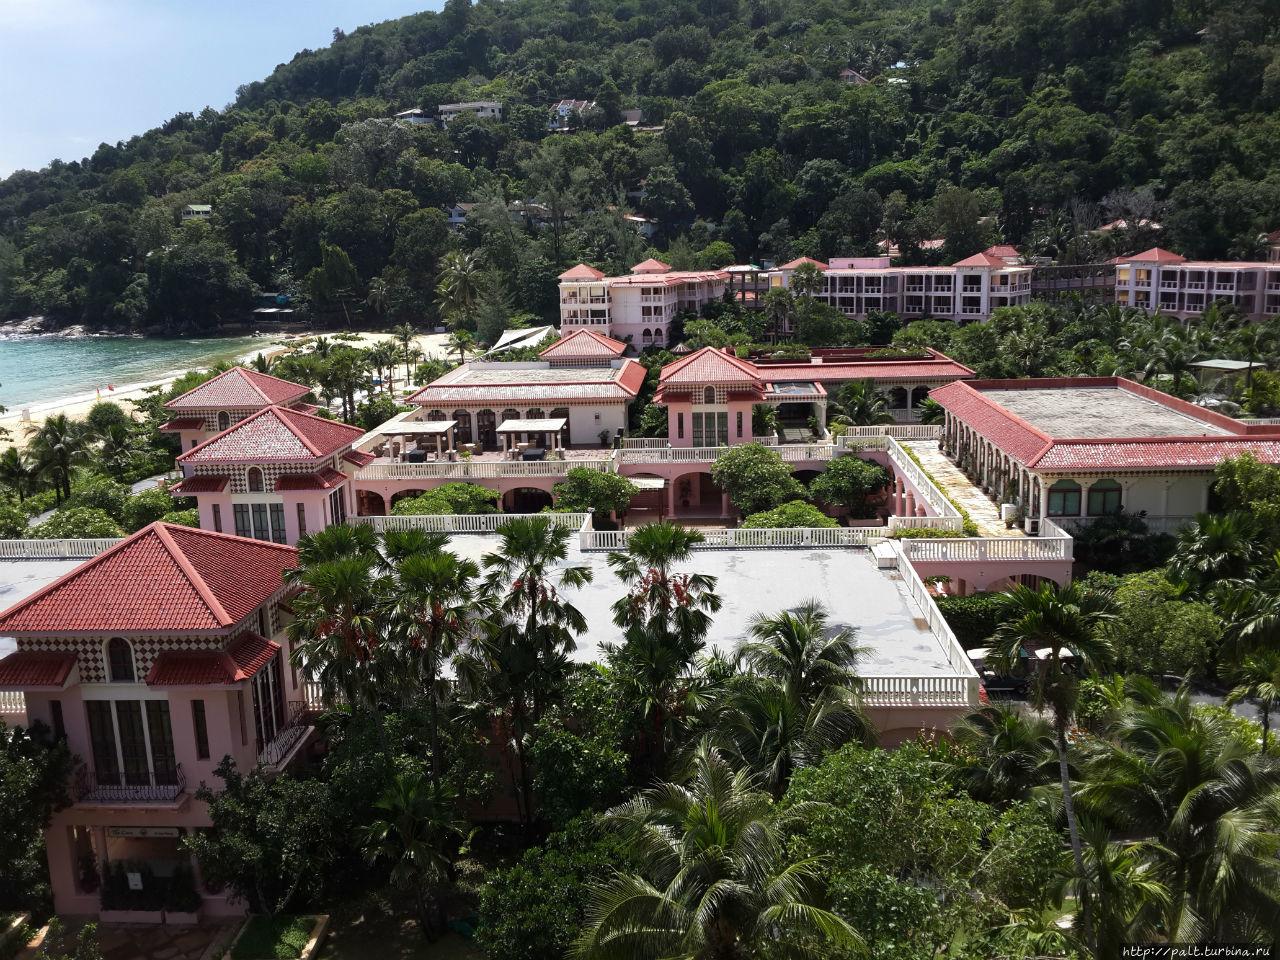 Вид на отель из корпуса 2